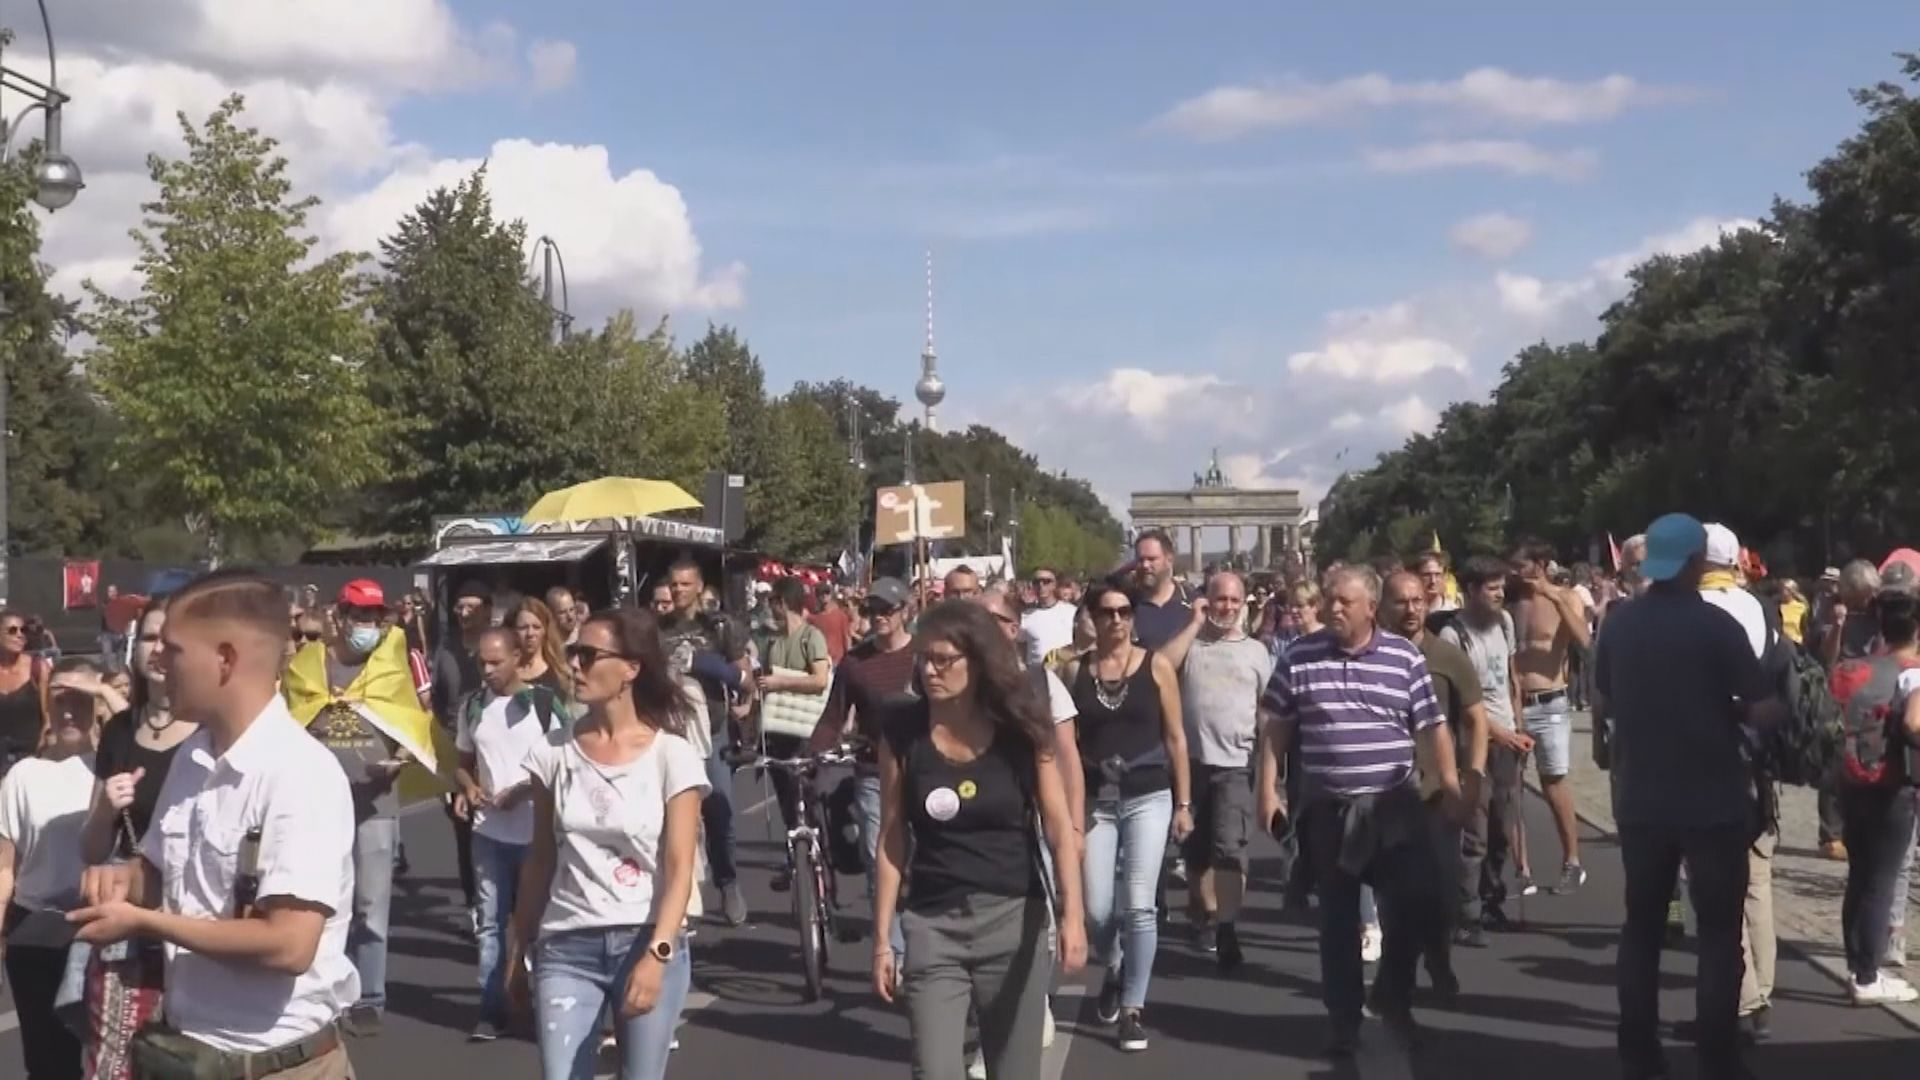 德國有民眾示威抗議政府防疫措施 警方帶走多人